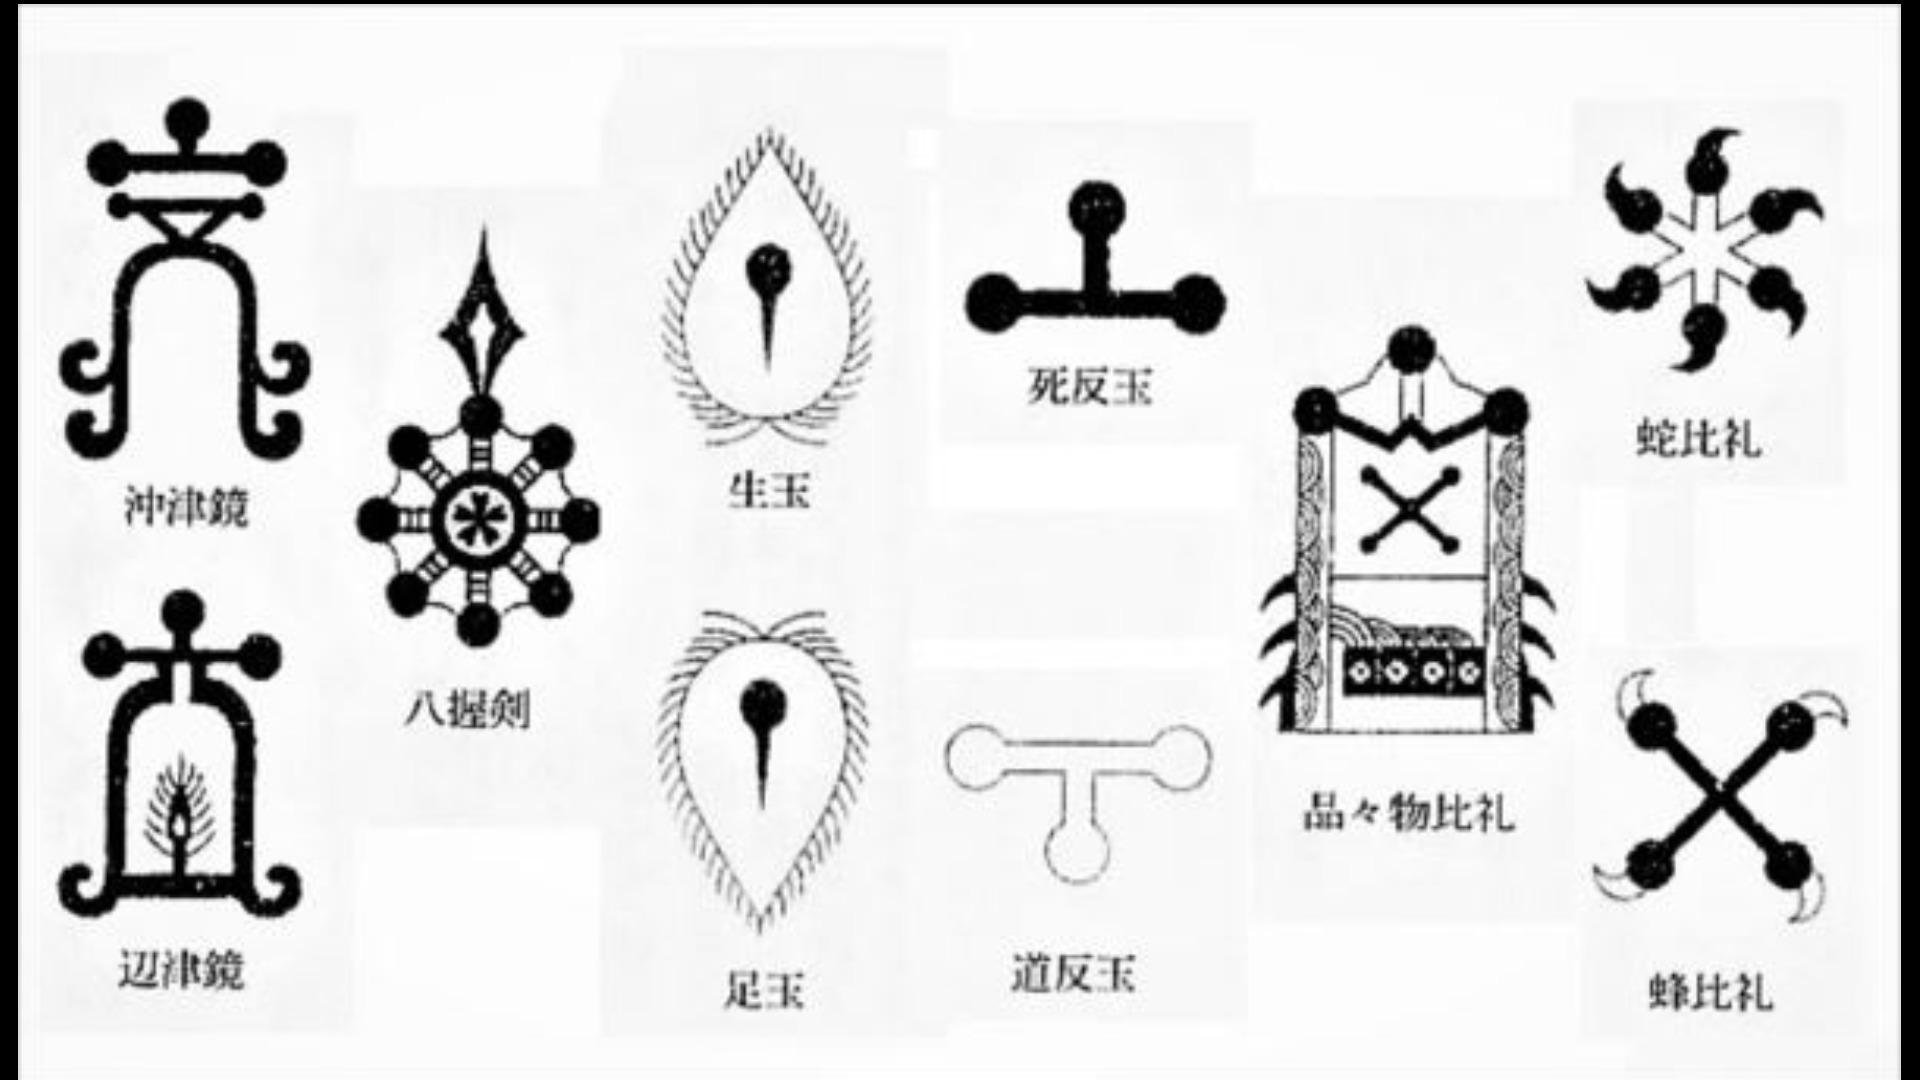 21.7.23【呪術編】第5回 招宝